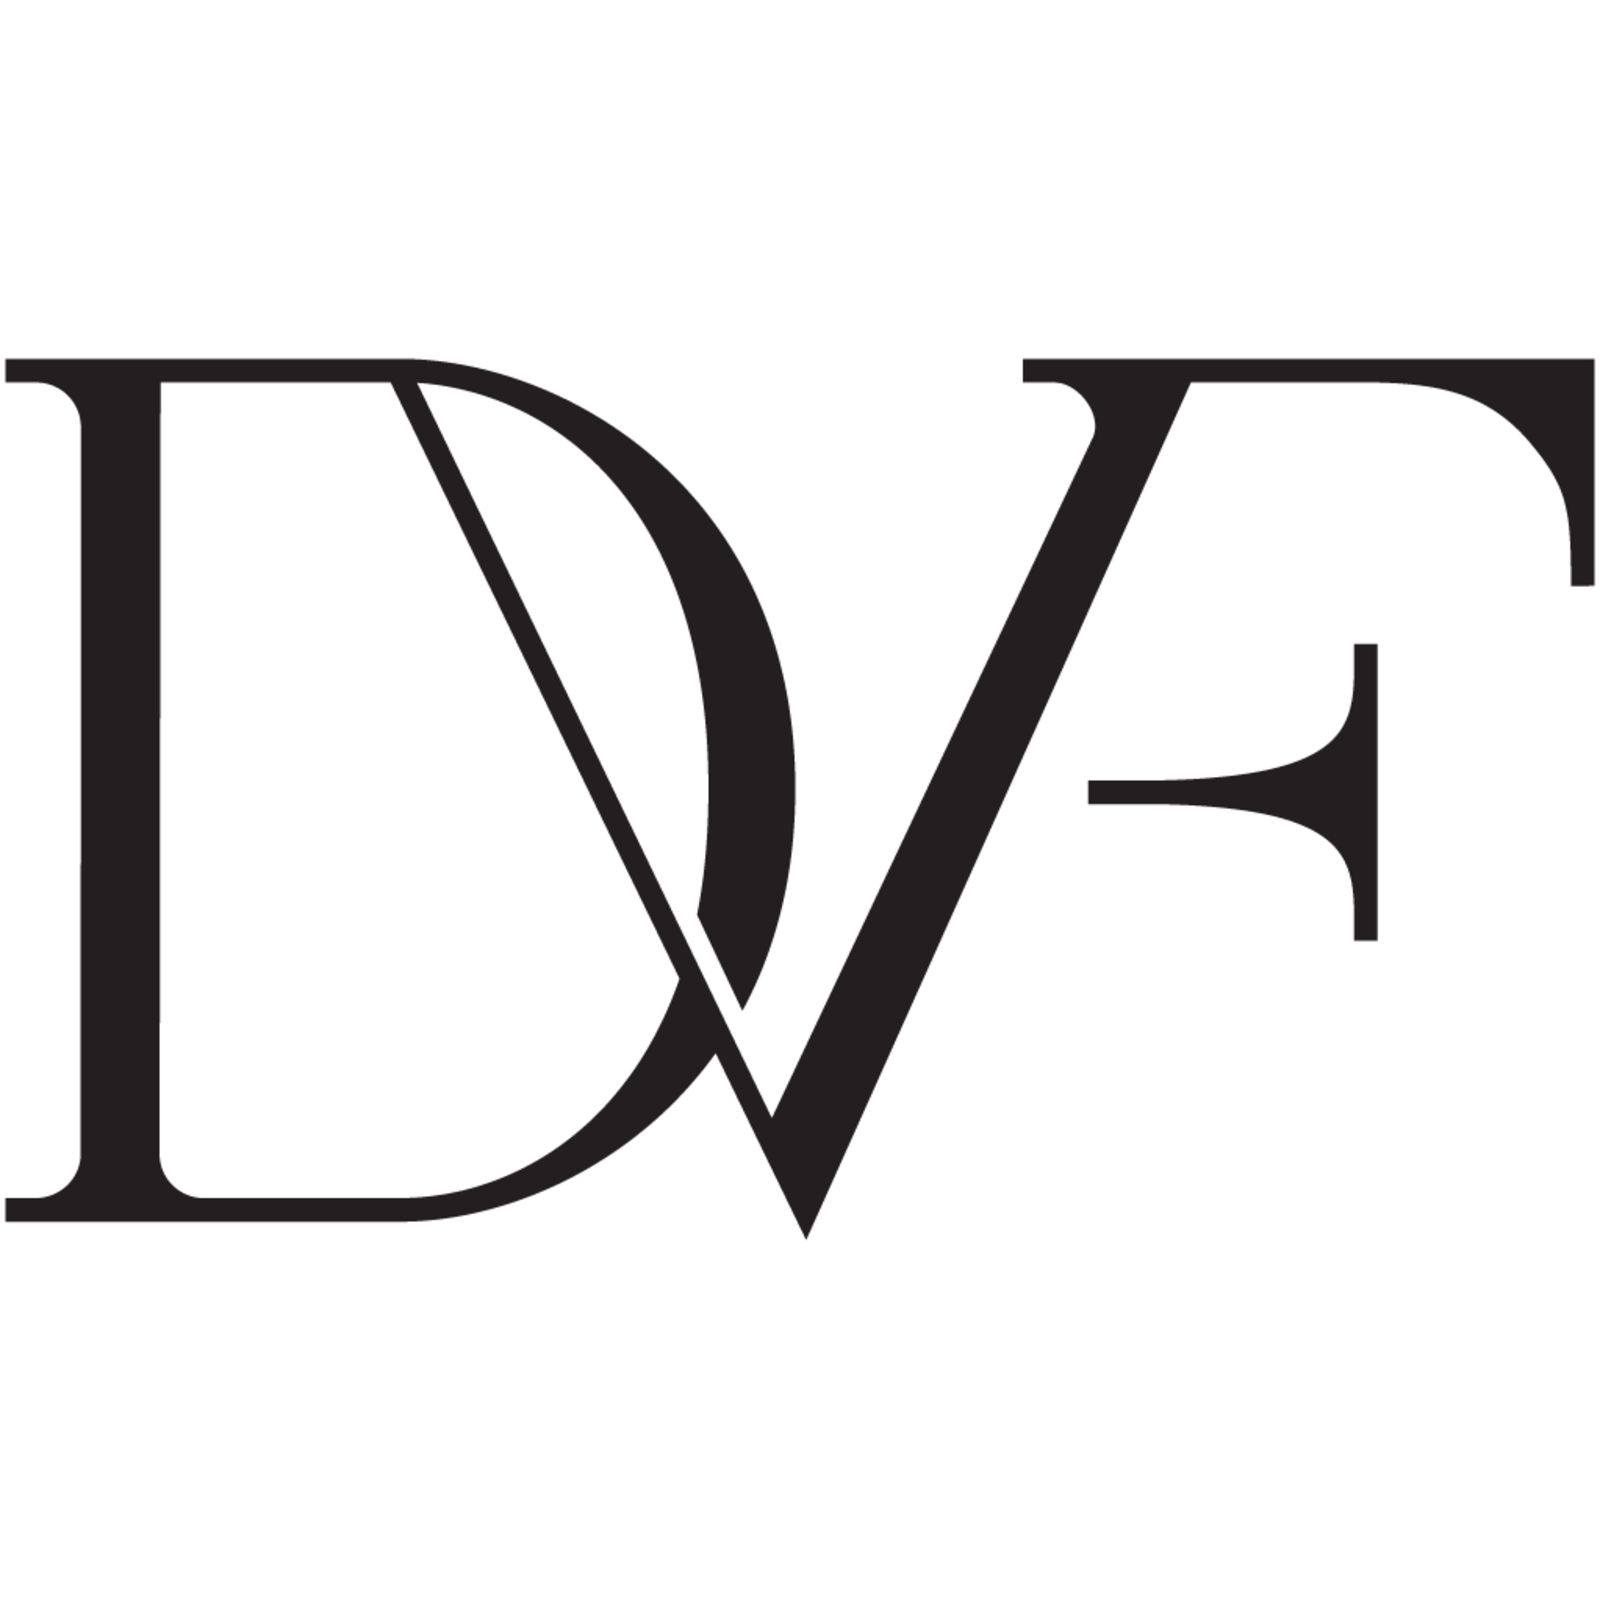 DVF DIANE VON FURSTENBERG (Image 1)